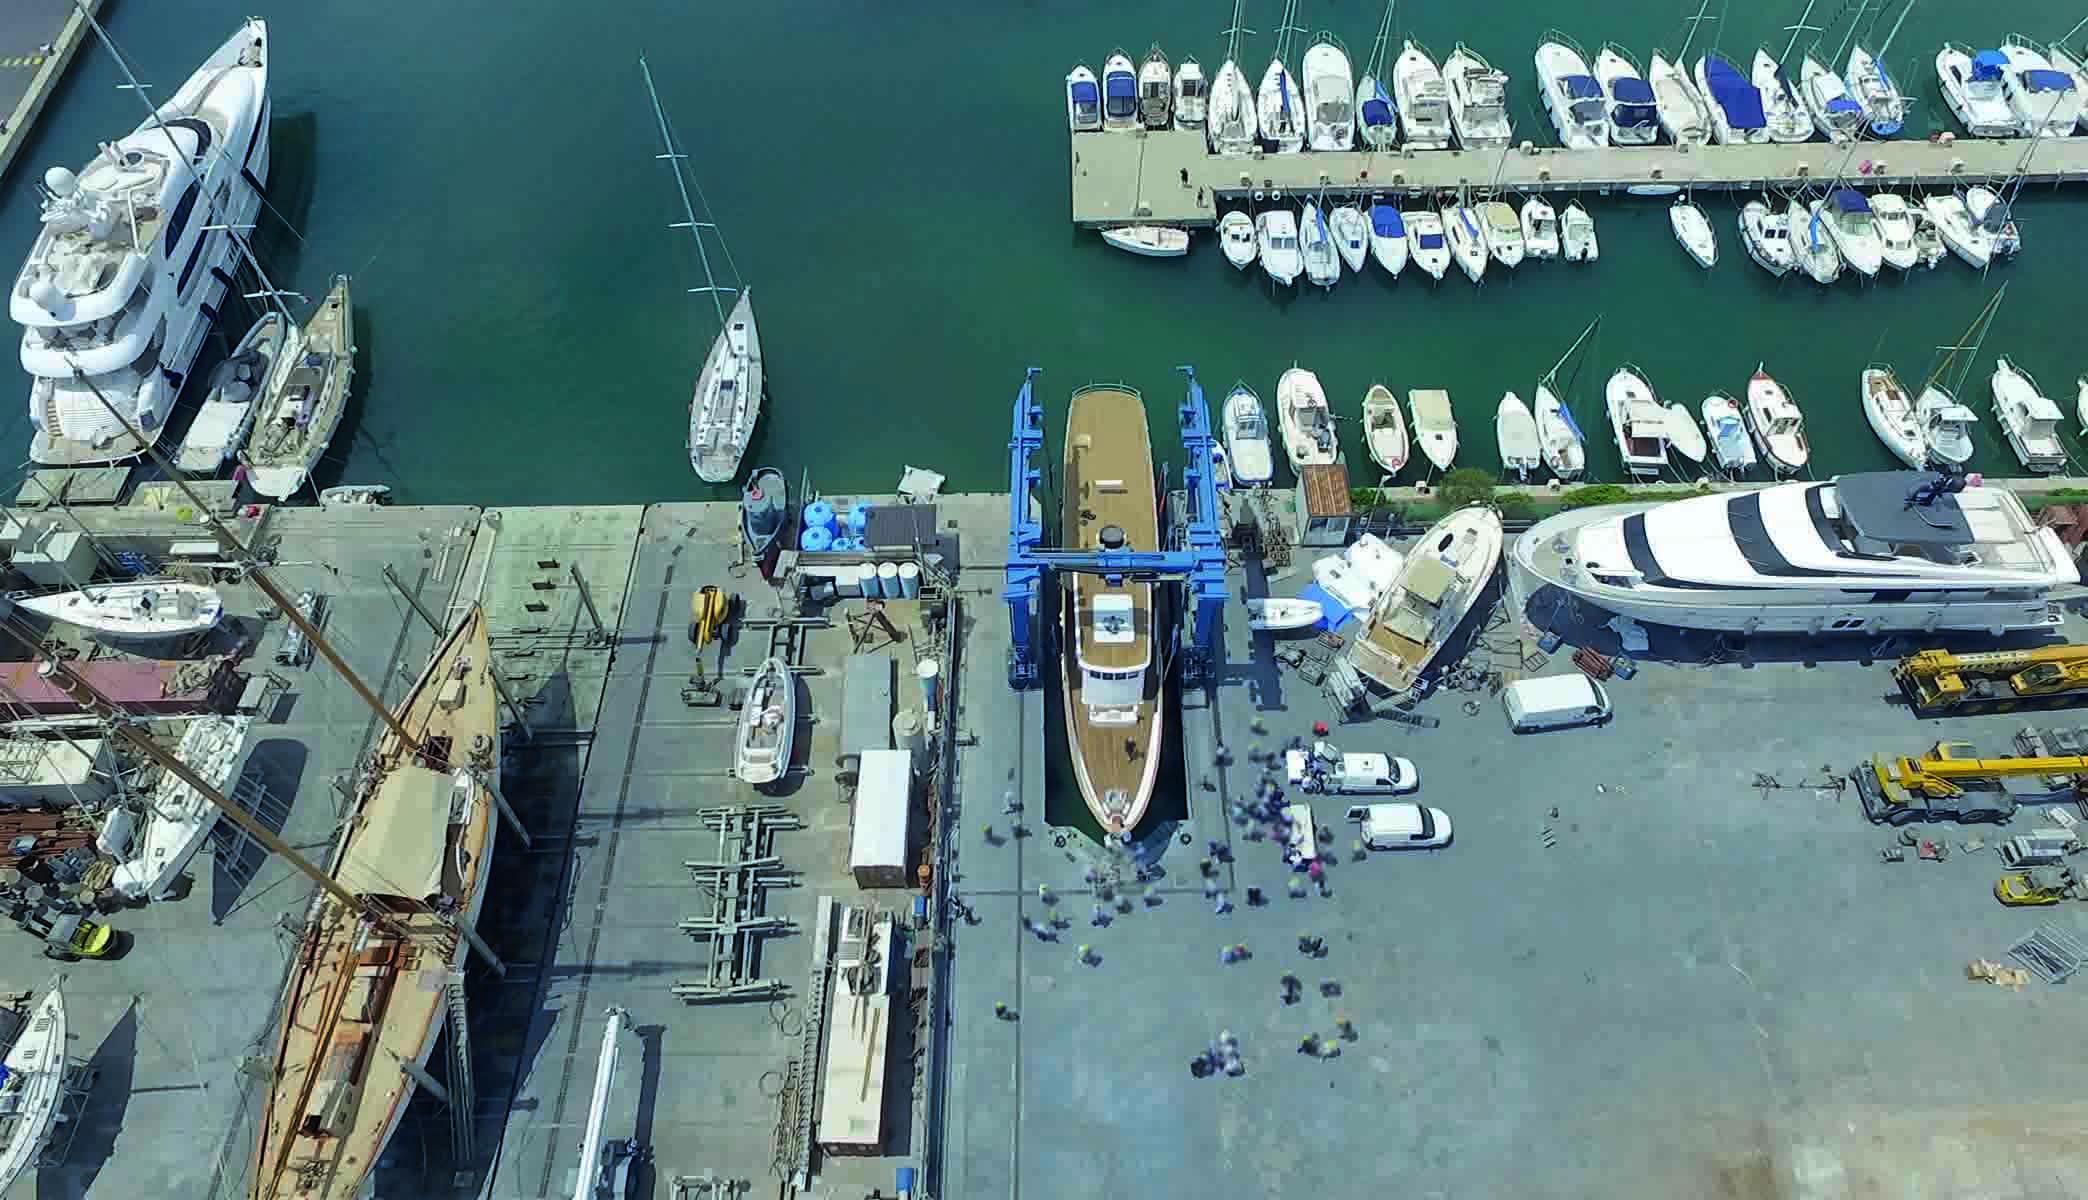 Sanremo Ship - quarta di copertina - sanremo